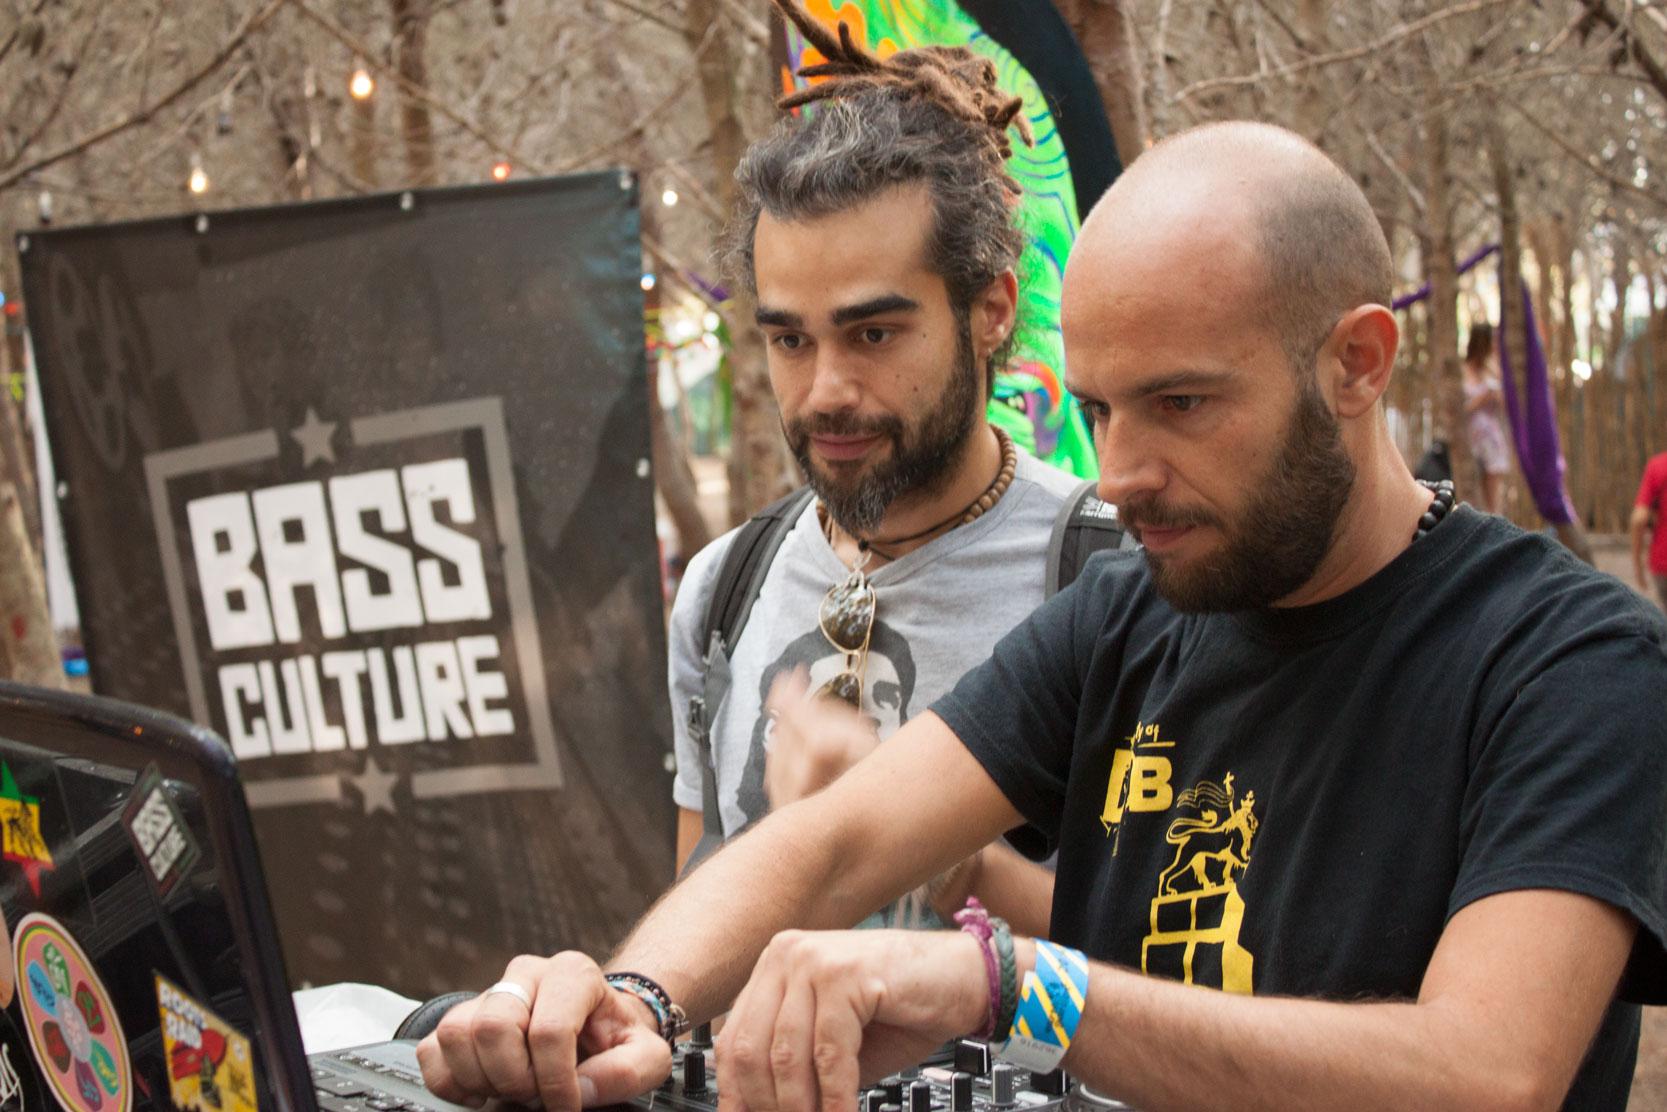 Bass-Culture-Panda-Dub-2014-01